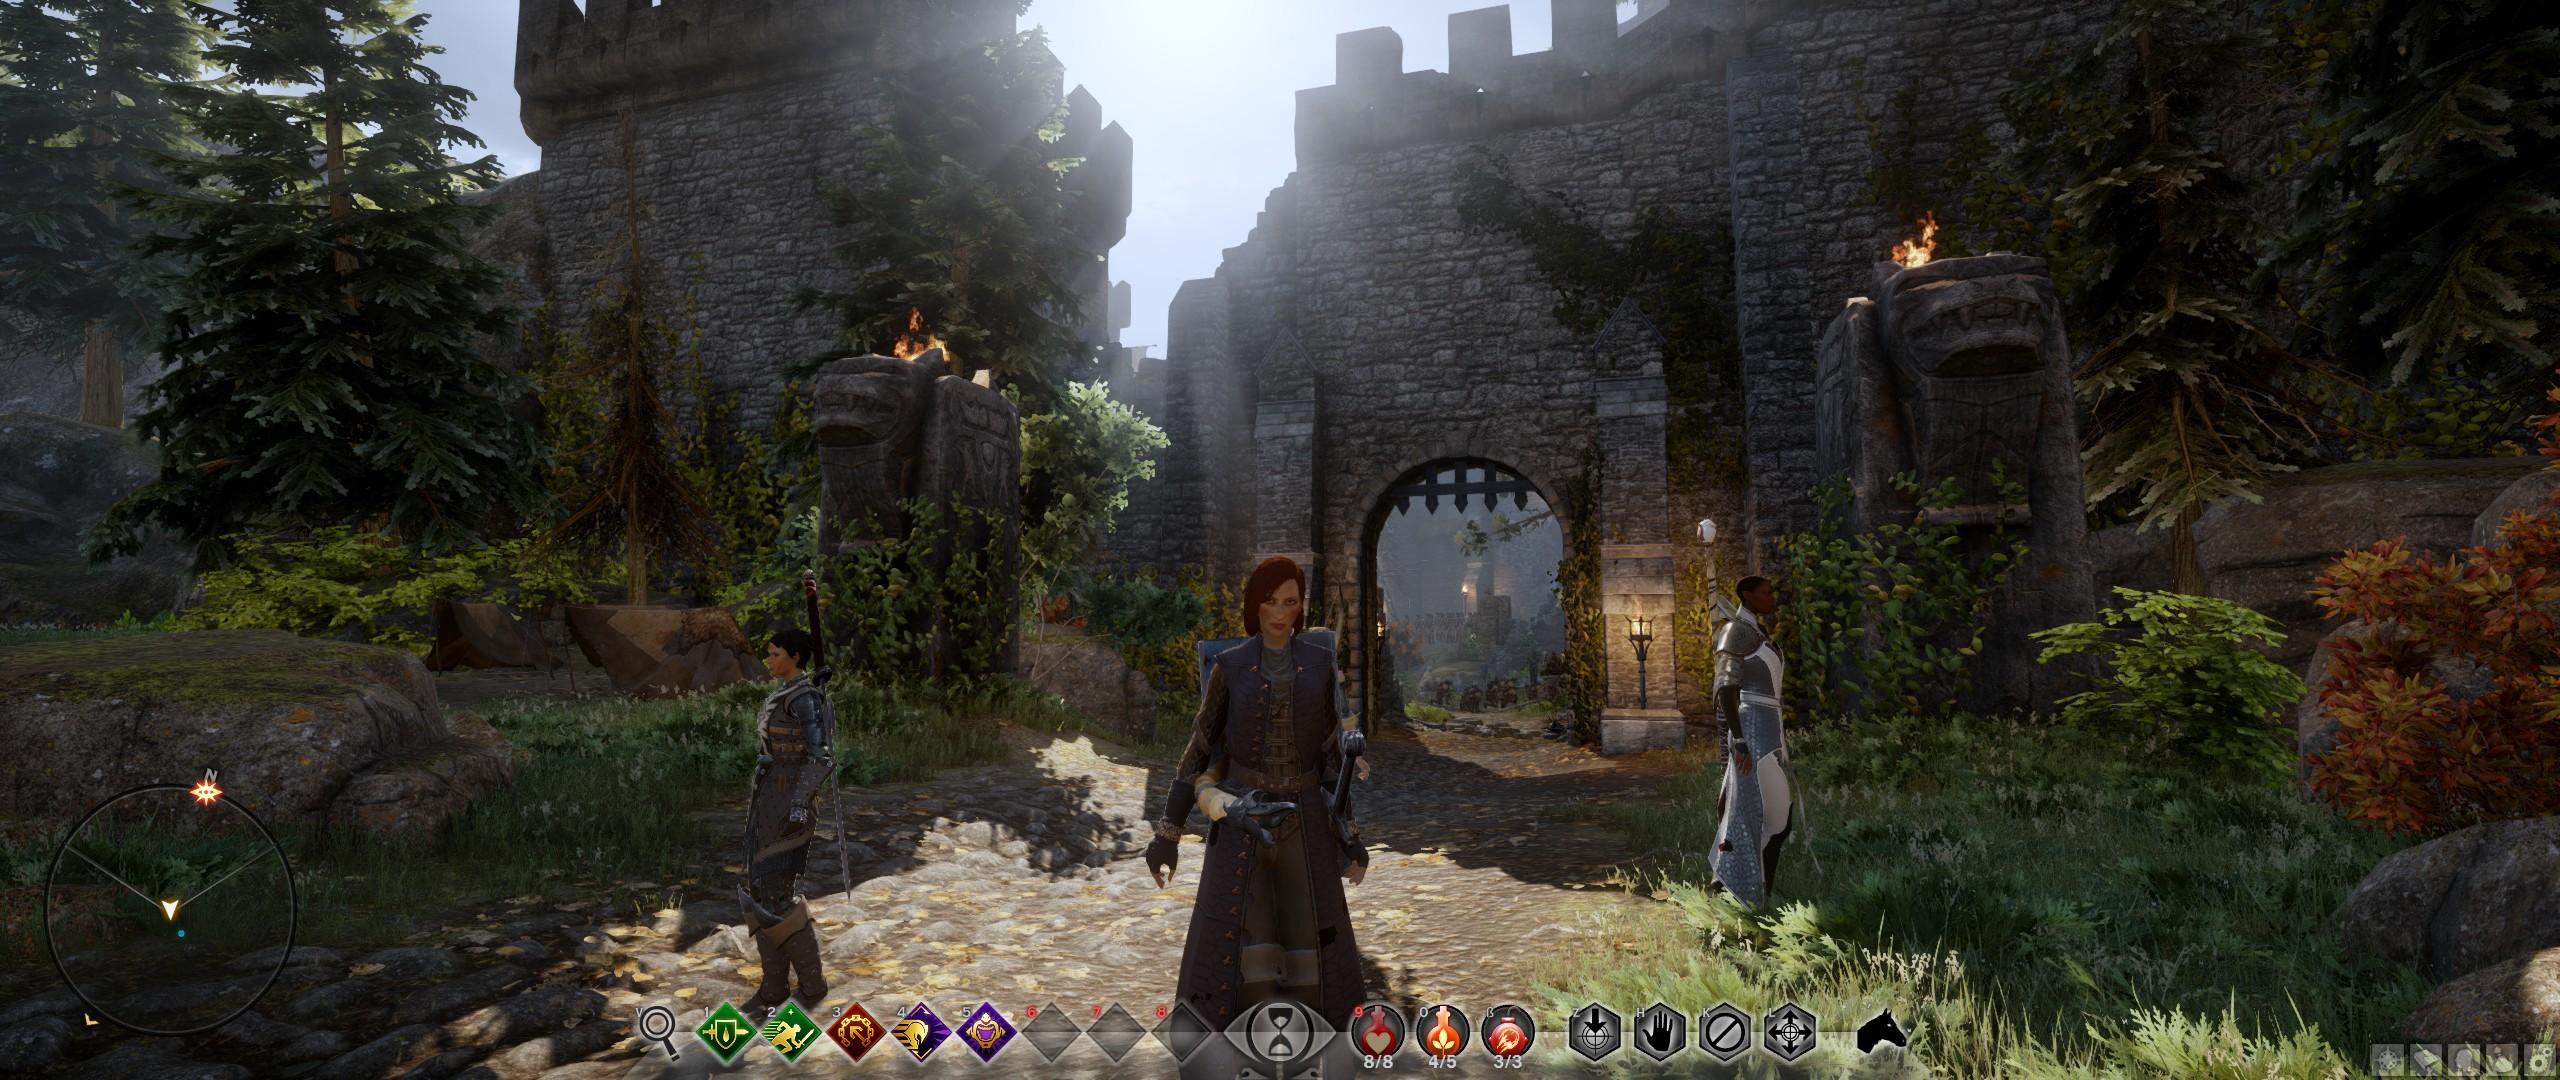 ScreenshotWin32_0012_Final